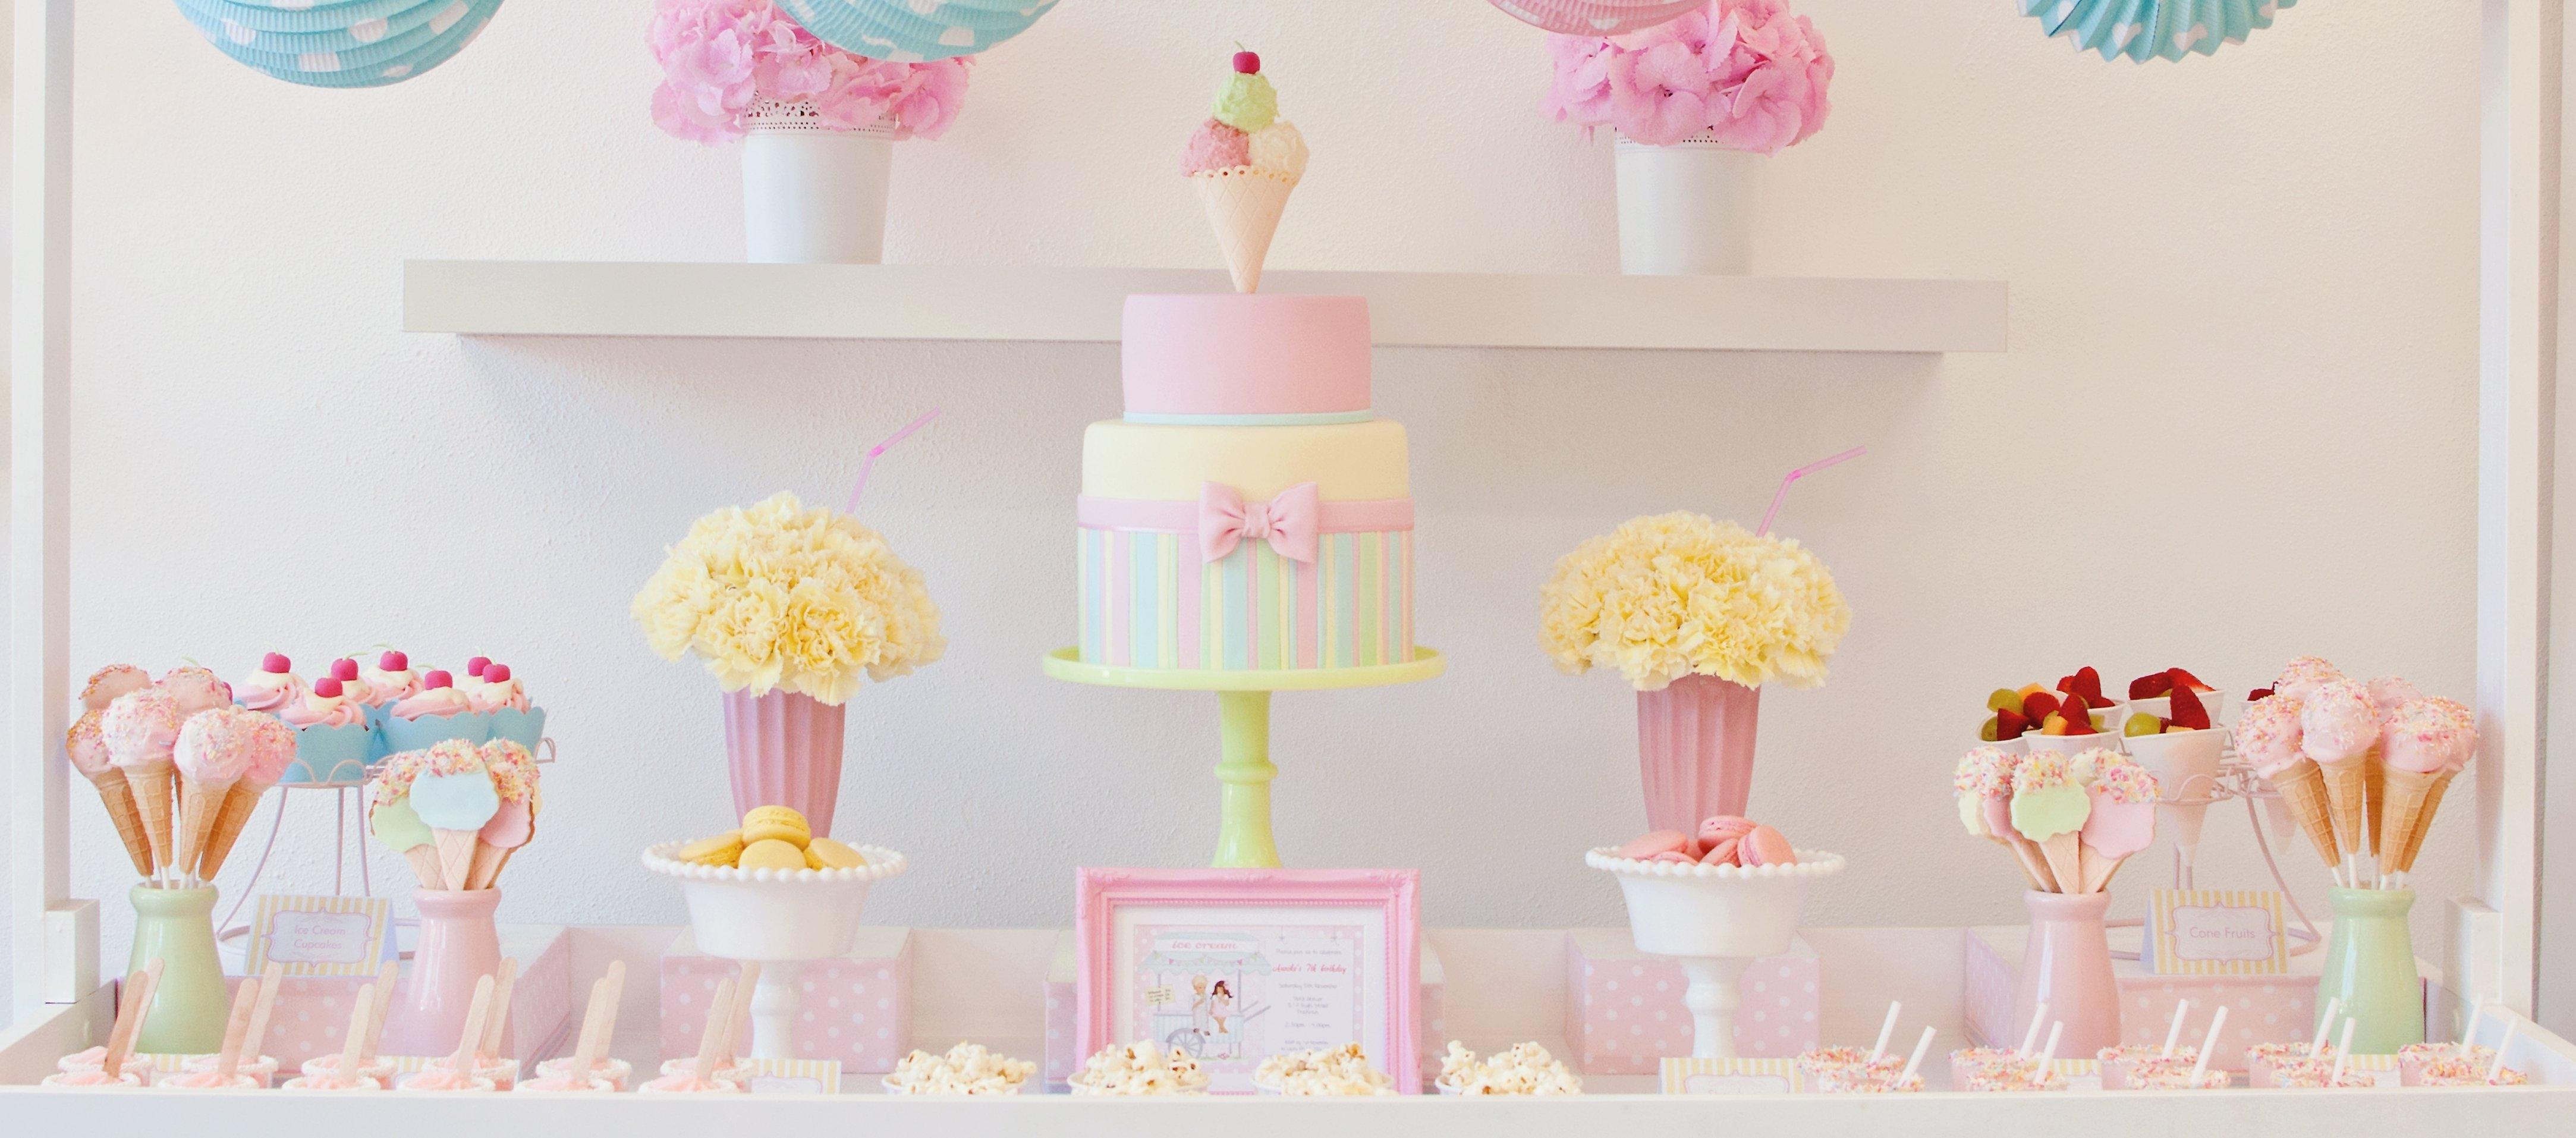 10 Fabulous Ice Cream Birthday Party Ideas stunning ice cream birthday party party inspiration the tomkat 2020